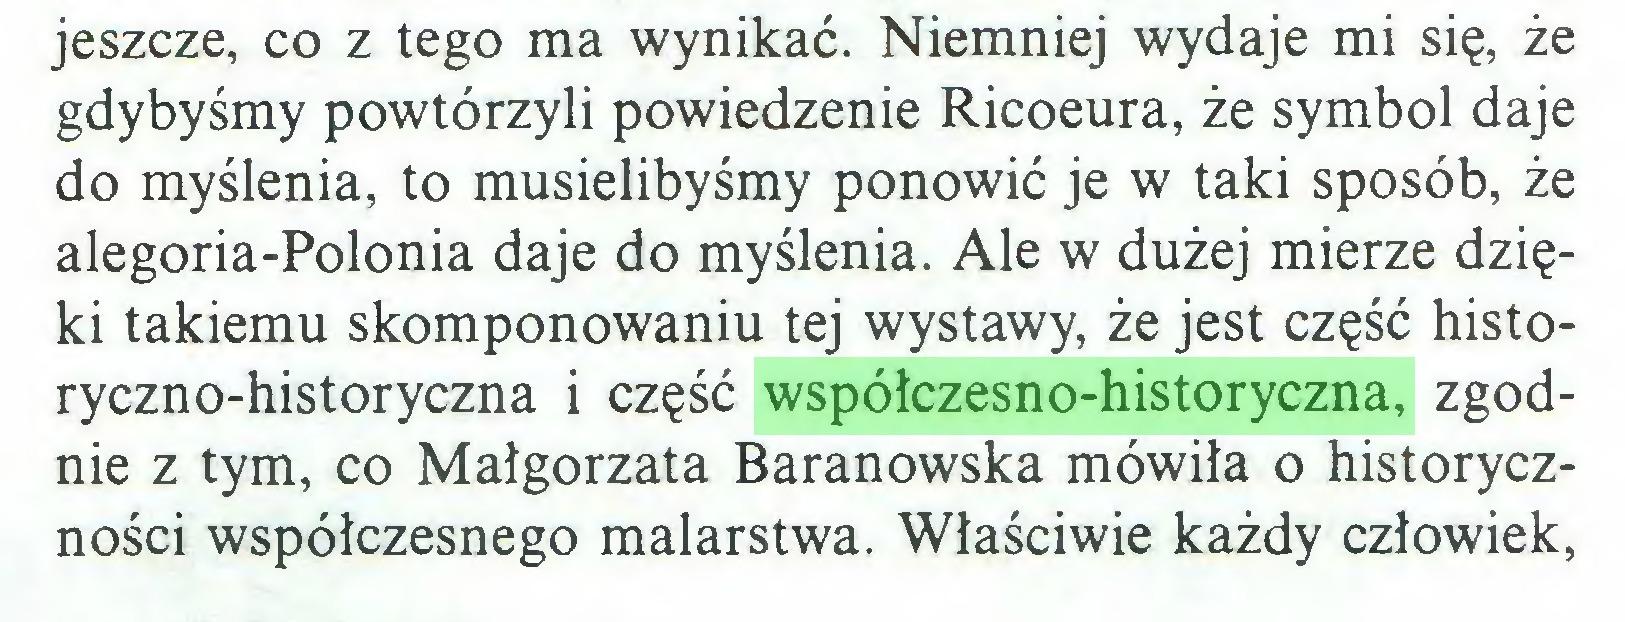 (...) jeszcze, co z tego ma wynikać. Niemniej wydaje mi się, że gdybyśmy powtórzyli powiedzenie Ricoeura, że symbol daje do myślenia, to musielibyśmy ponowić je w taki sposób, że alegoria-Polonia daje do myślenia. Ale w dużej mierze dzięki takiemu skomponowaniu tej wystawy, że jest część historyczno-historyczna i część współczesno-historyczna, zgodnie z tym, co Małgorzata Baranowska mówiła o historyczności współczesnego malarstwa. Właściwie każdy człowiek,...